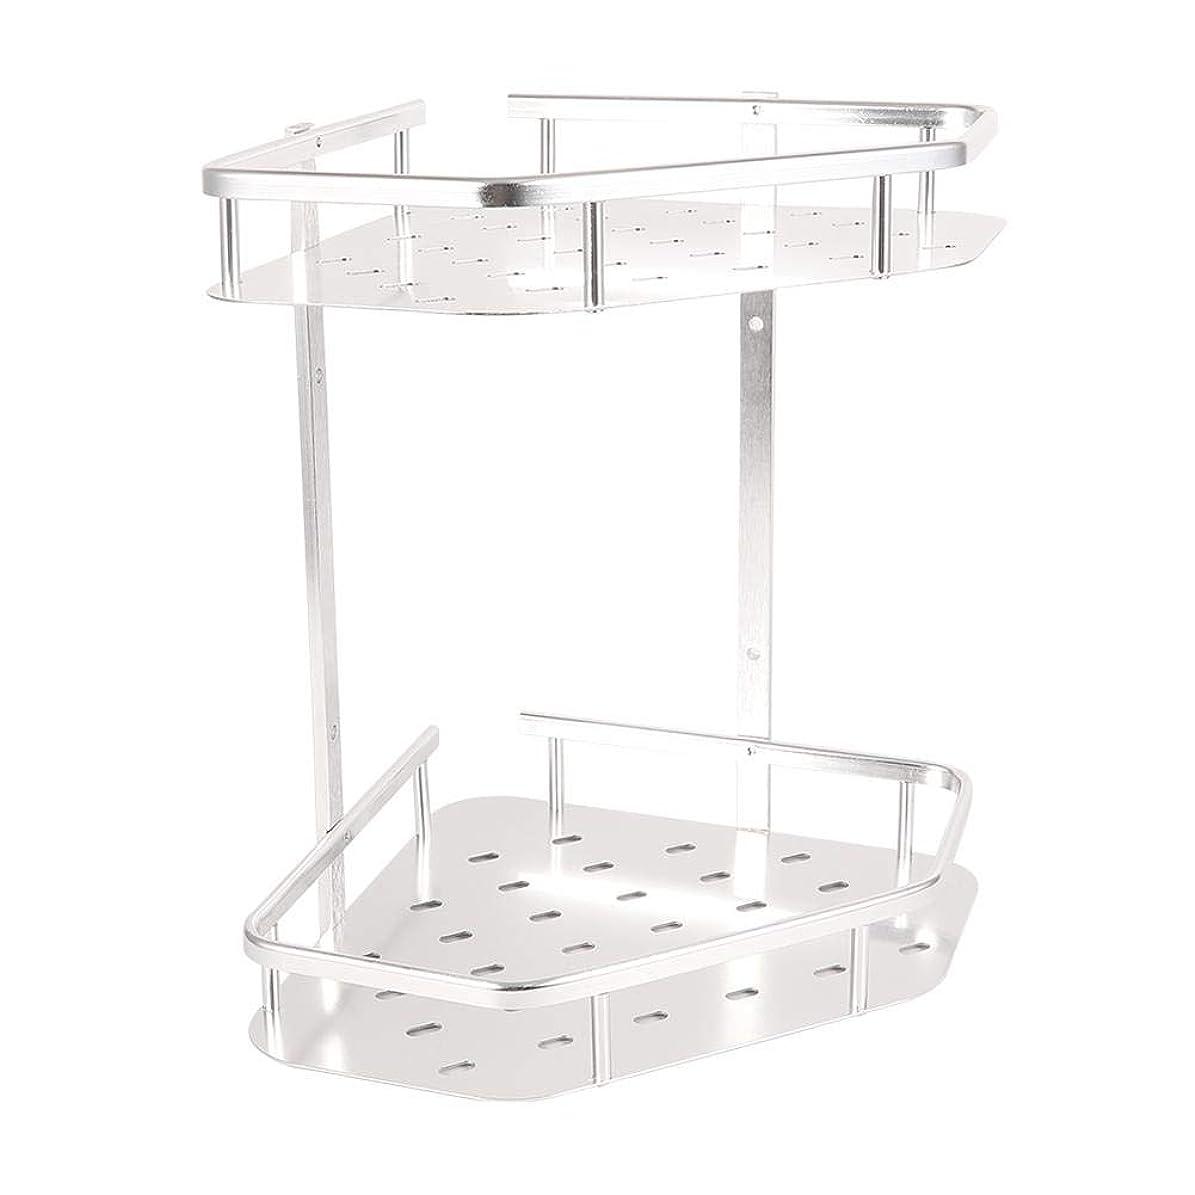 食べる永遠のローンGOTOTOPシャワー棚、耐久性のあるアルミニウム2層バスルームシャワー棚キッチン収納バスケットコーナー棚